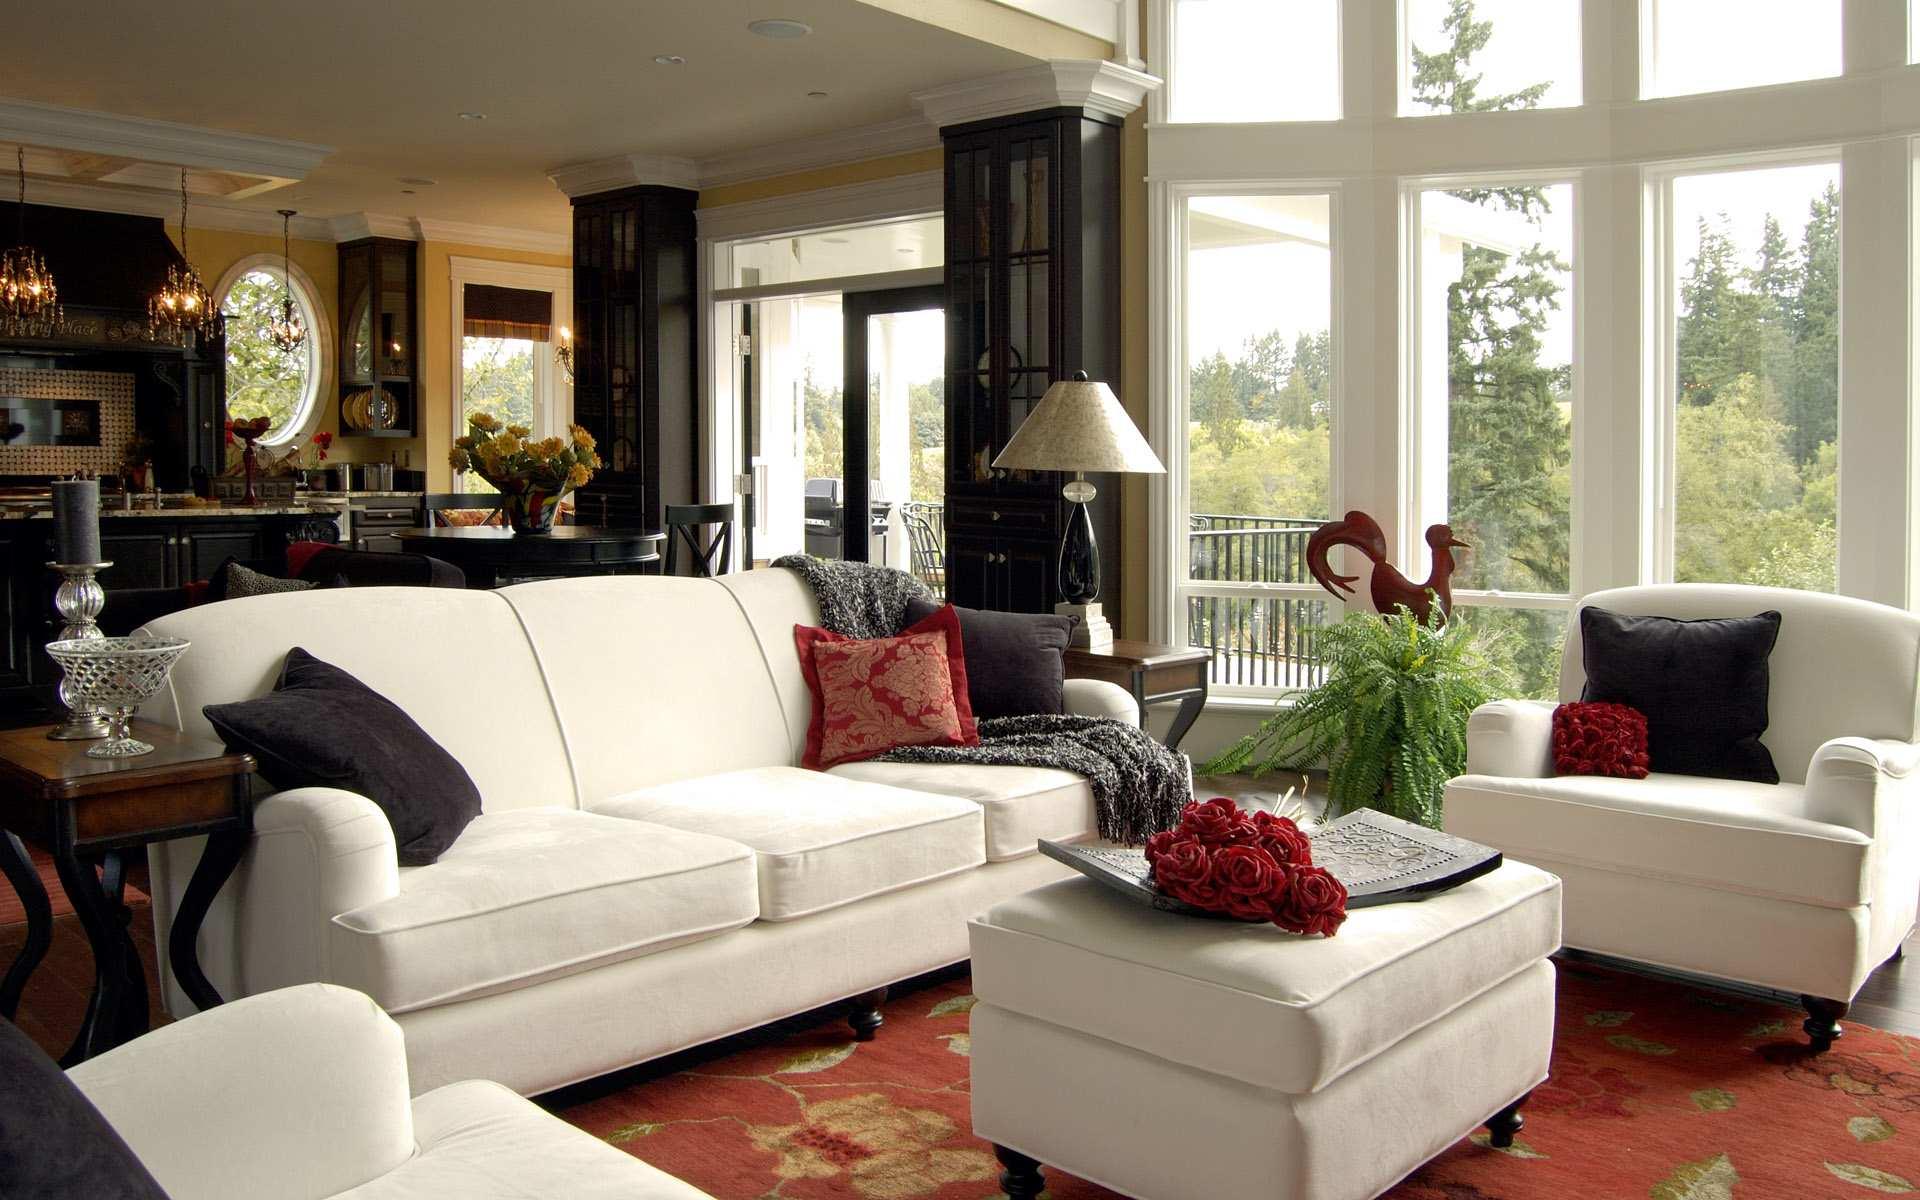 Phong thủy đặt ghế sofa phù hợp vị trí